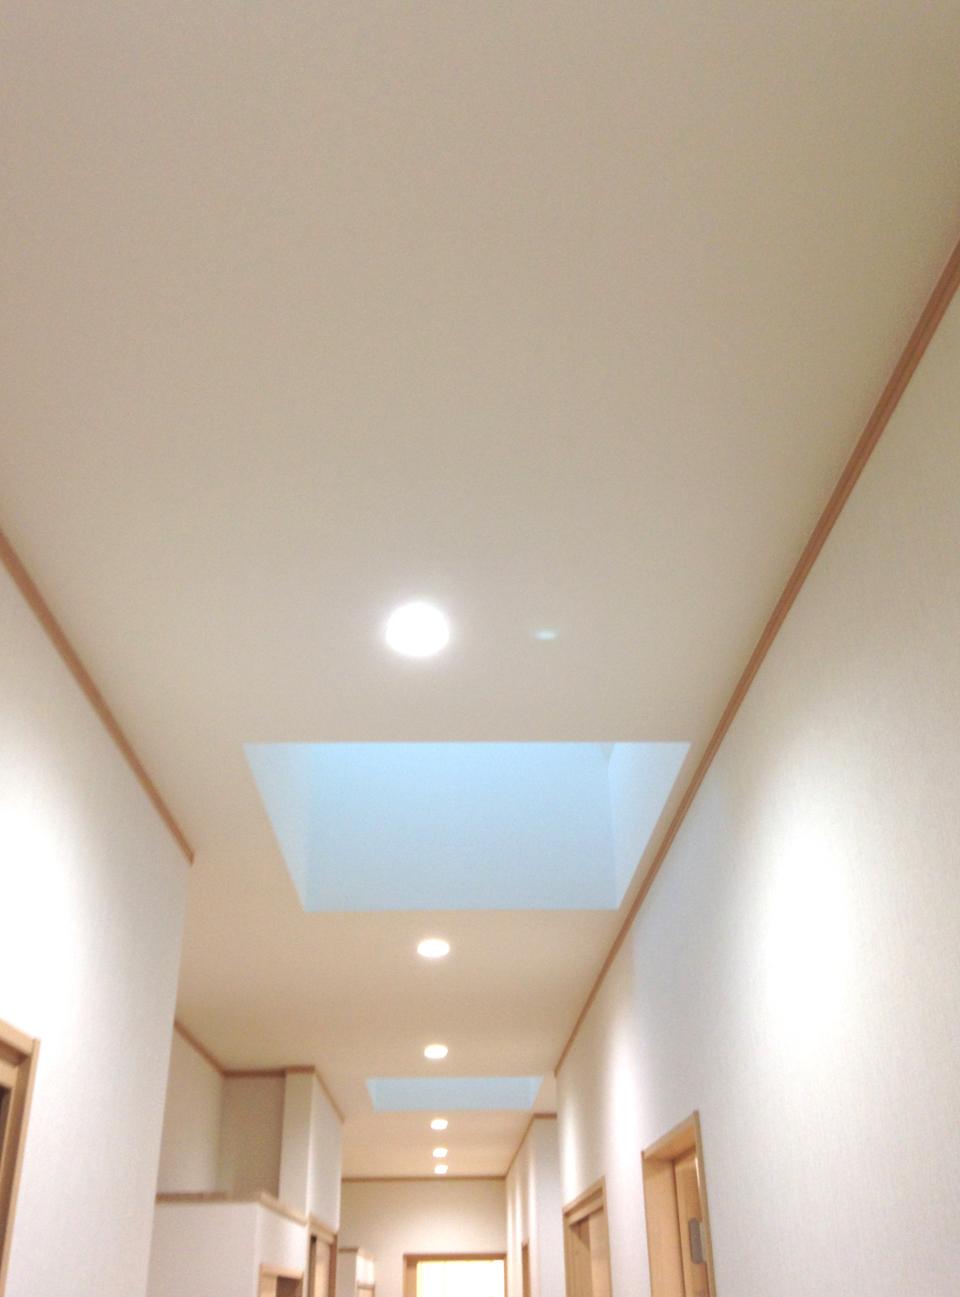 長い廊下には部分的にトップライトがあり、明るさを確保